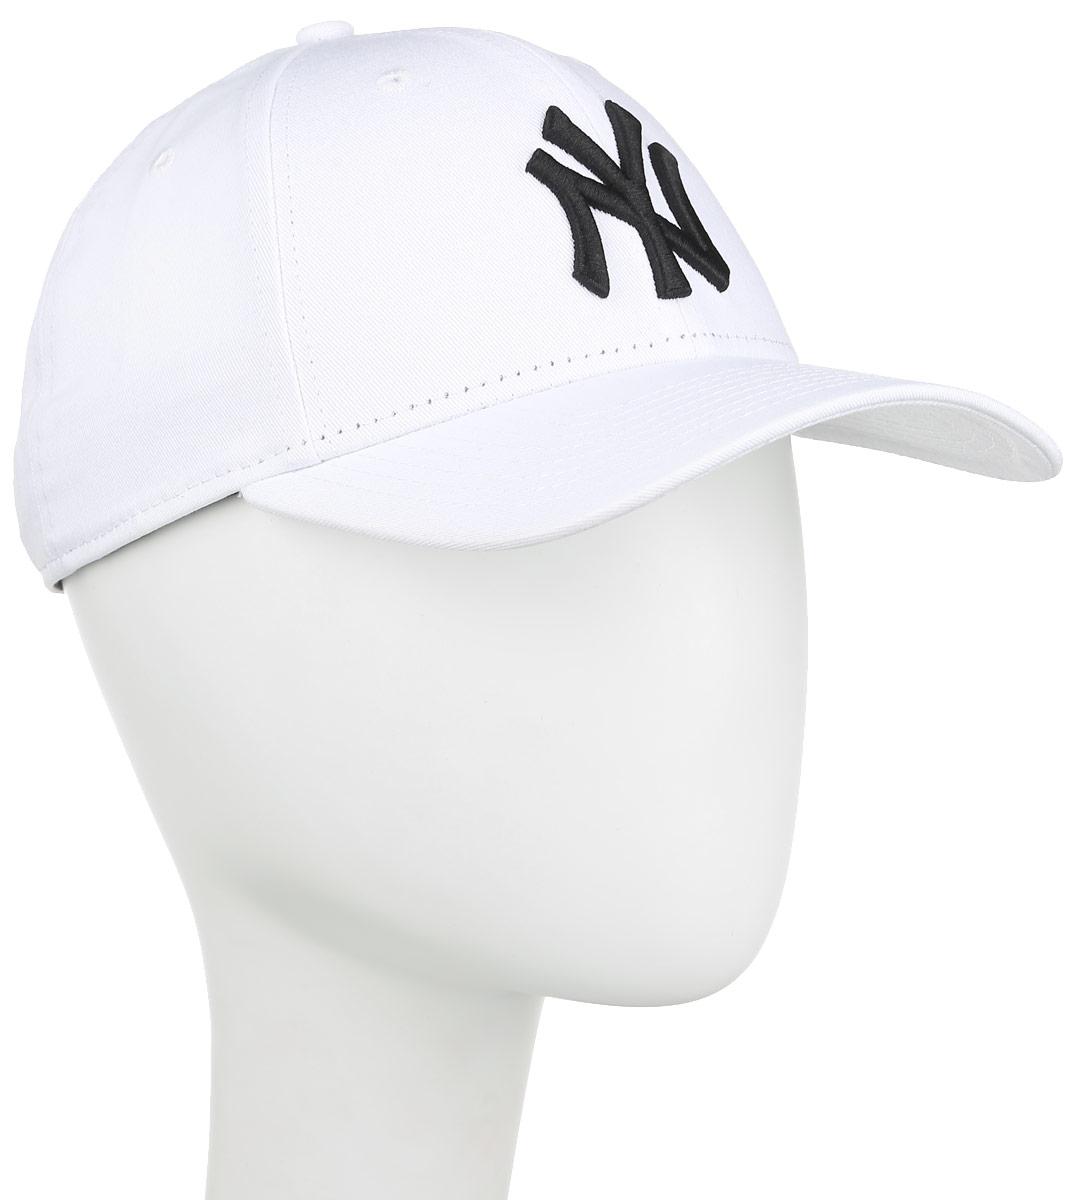 Бейсболка 9 Forty League Basic. 11074593-WHT11074593-WHTСтильная бейсболка New Era 9 Forty League Basic, выполненная из высококачественных материалов, идеально подойдет для прогулок, занятий спортом и отдыха. Изделие оформлено объемным вышитым логотипом знаменитой бейсбольной команды New York Yankees и логотипом бренда New Era. Она надежно защитит вас от солнца и ветра. Объем бейсболки регулируется металлическим фиксатором. Ничто не говорит о настоящем любителе путешествий больше, чем любимая кепка. Эта модель станет отличным аксессуаром и дополнит ваш повседневный образ.